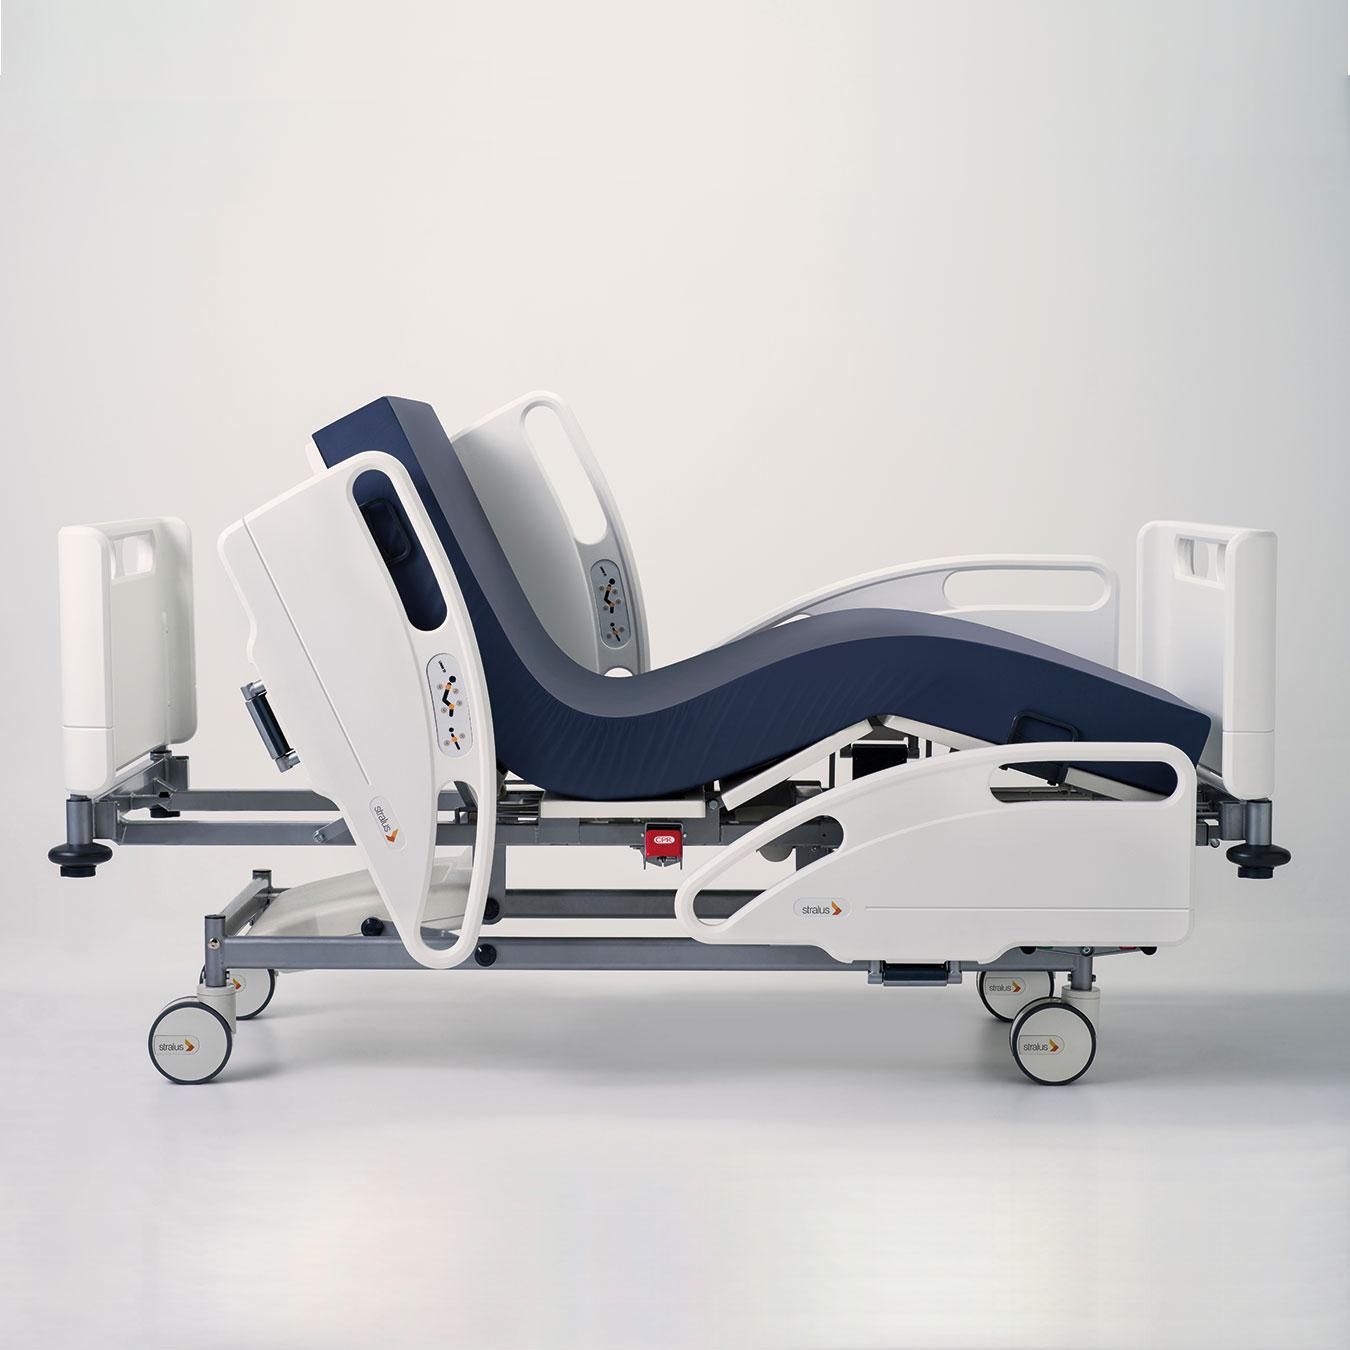 STRWARDC220-Stralus-C220-Acute-Care-Bed-Image-File-3_v1